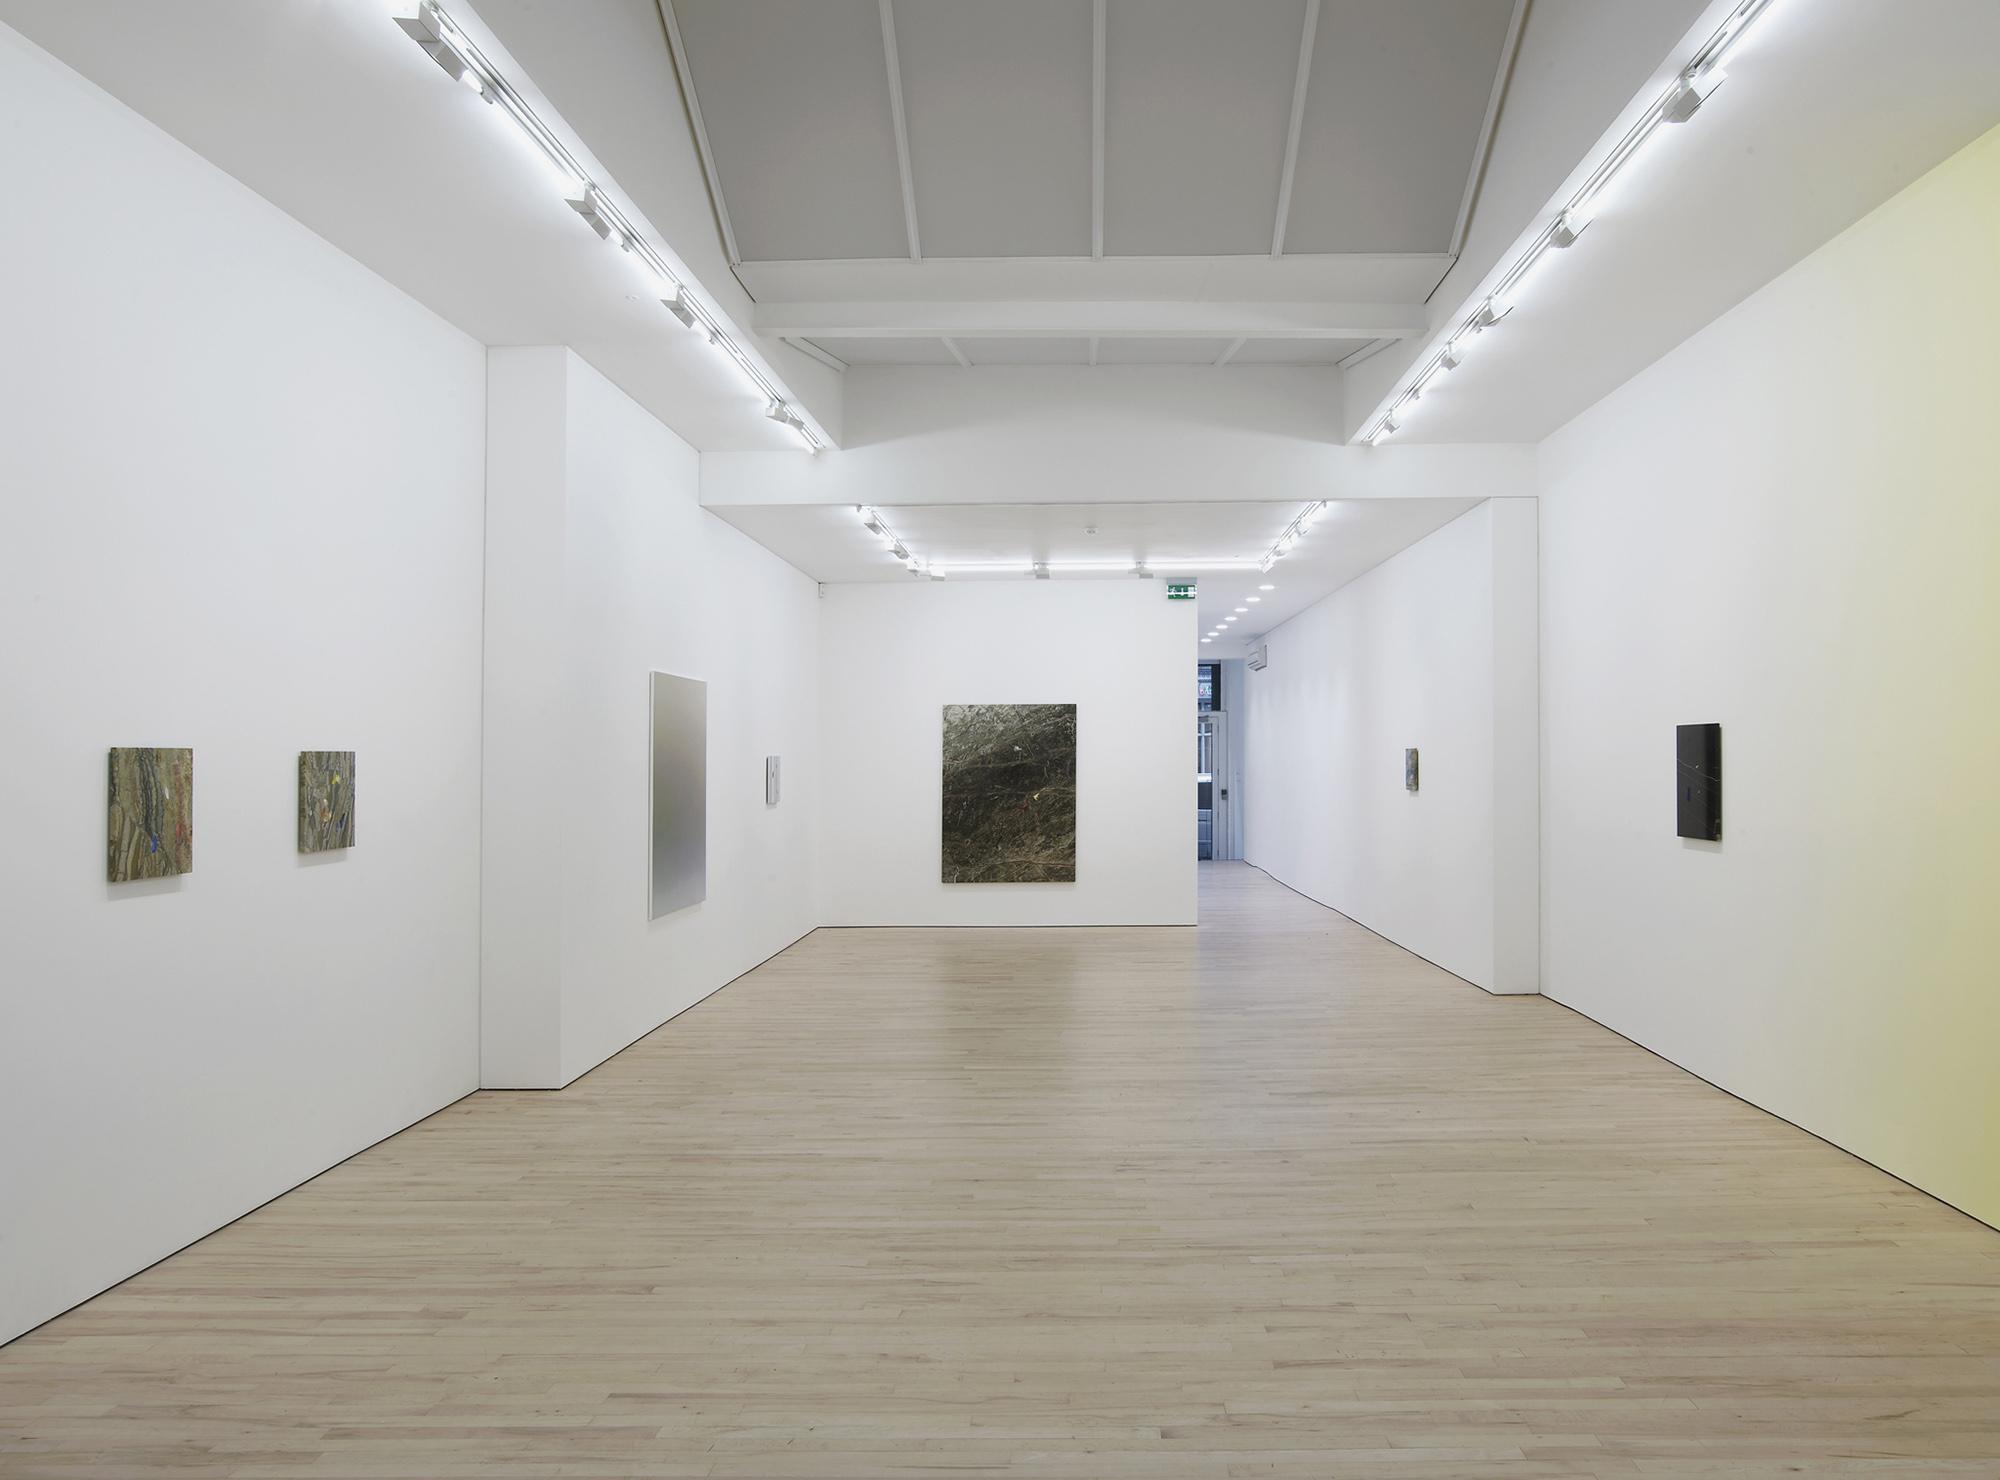 2 - Pieter Vermeersch at Carl Freedman Gallery London